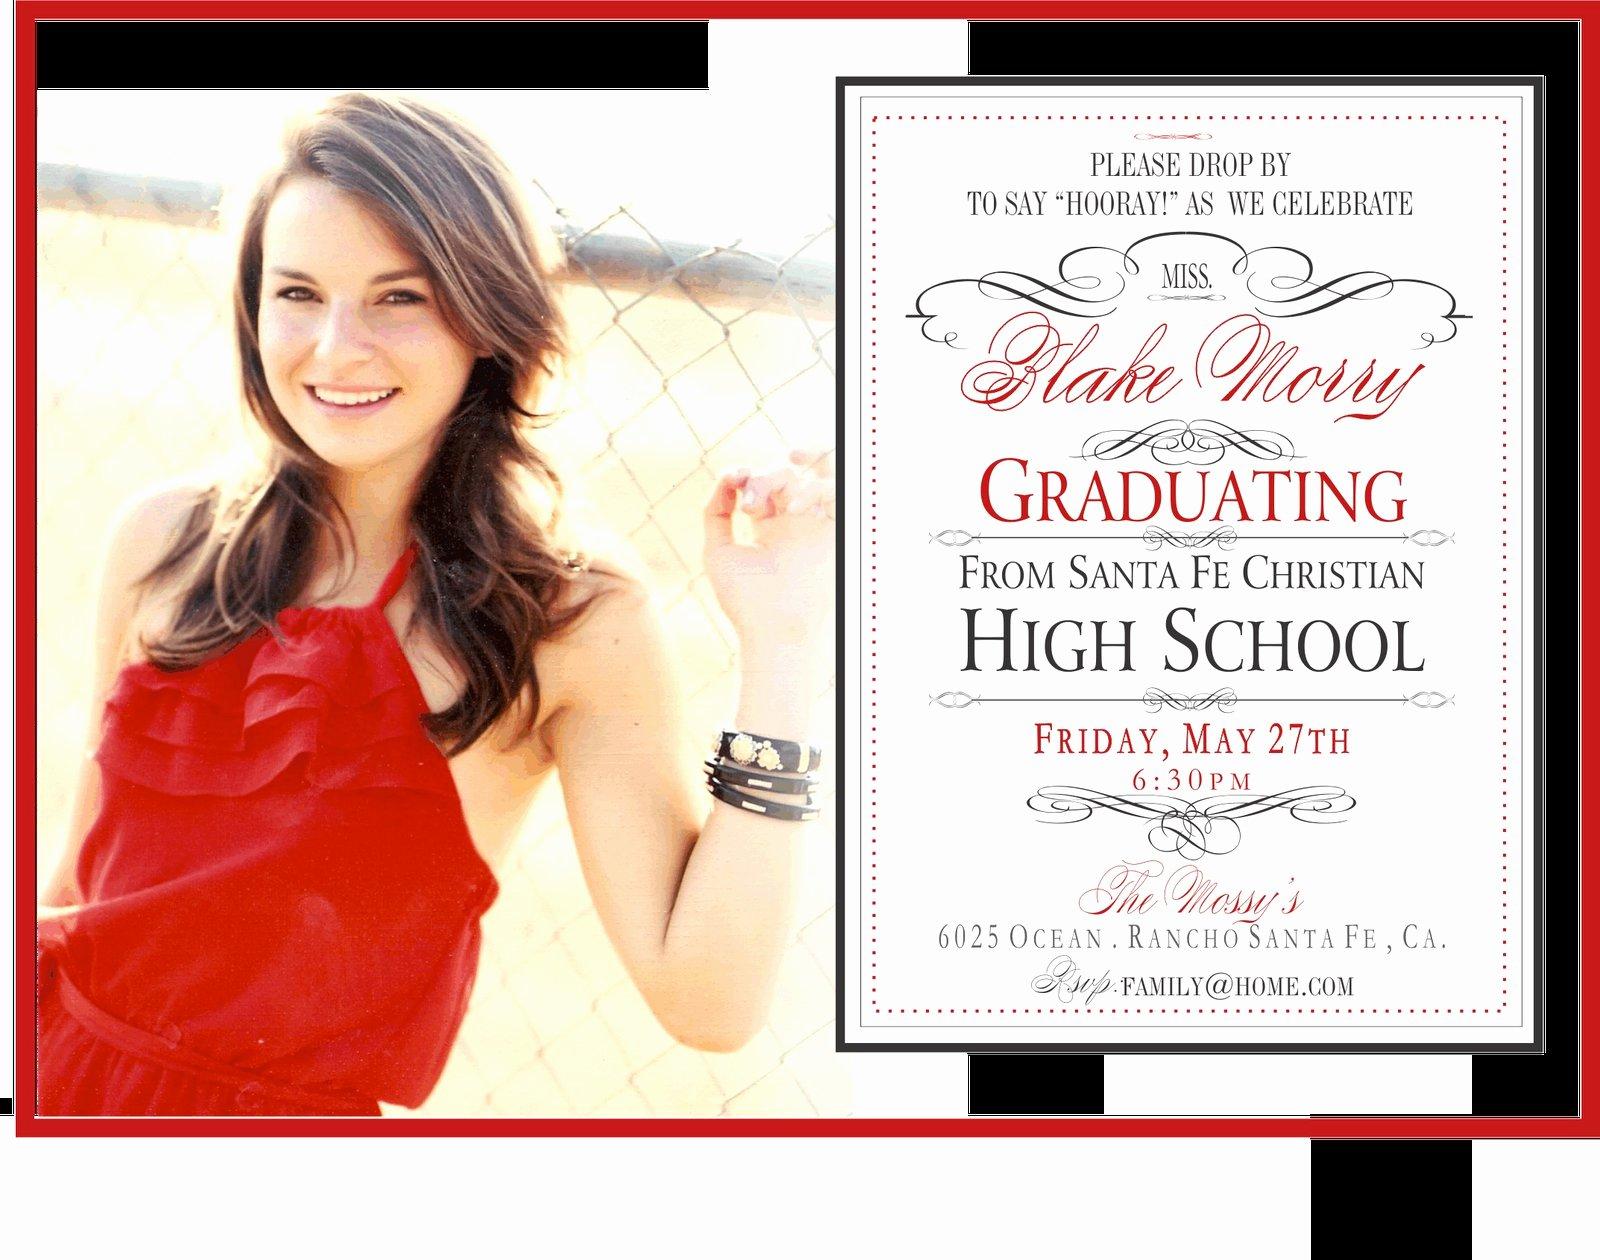 Graduation Invitation Template Word Luxury Free Graduation Invitation Templates Free Graduation